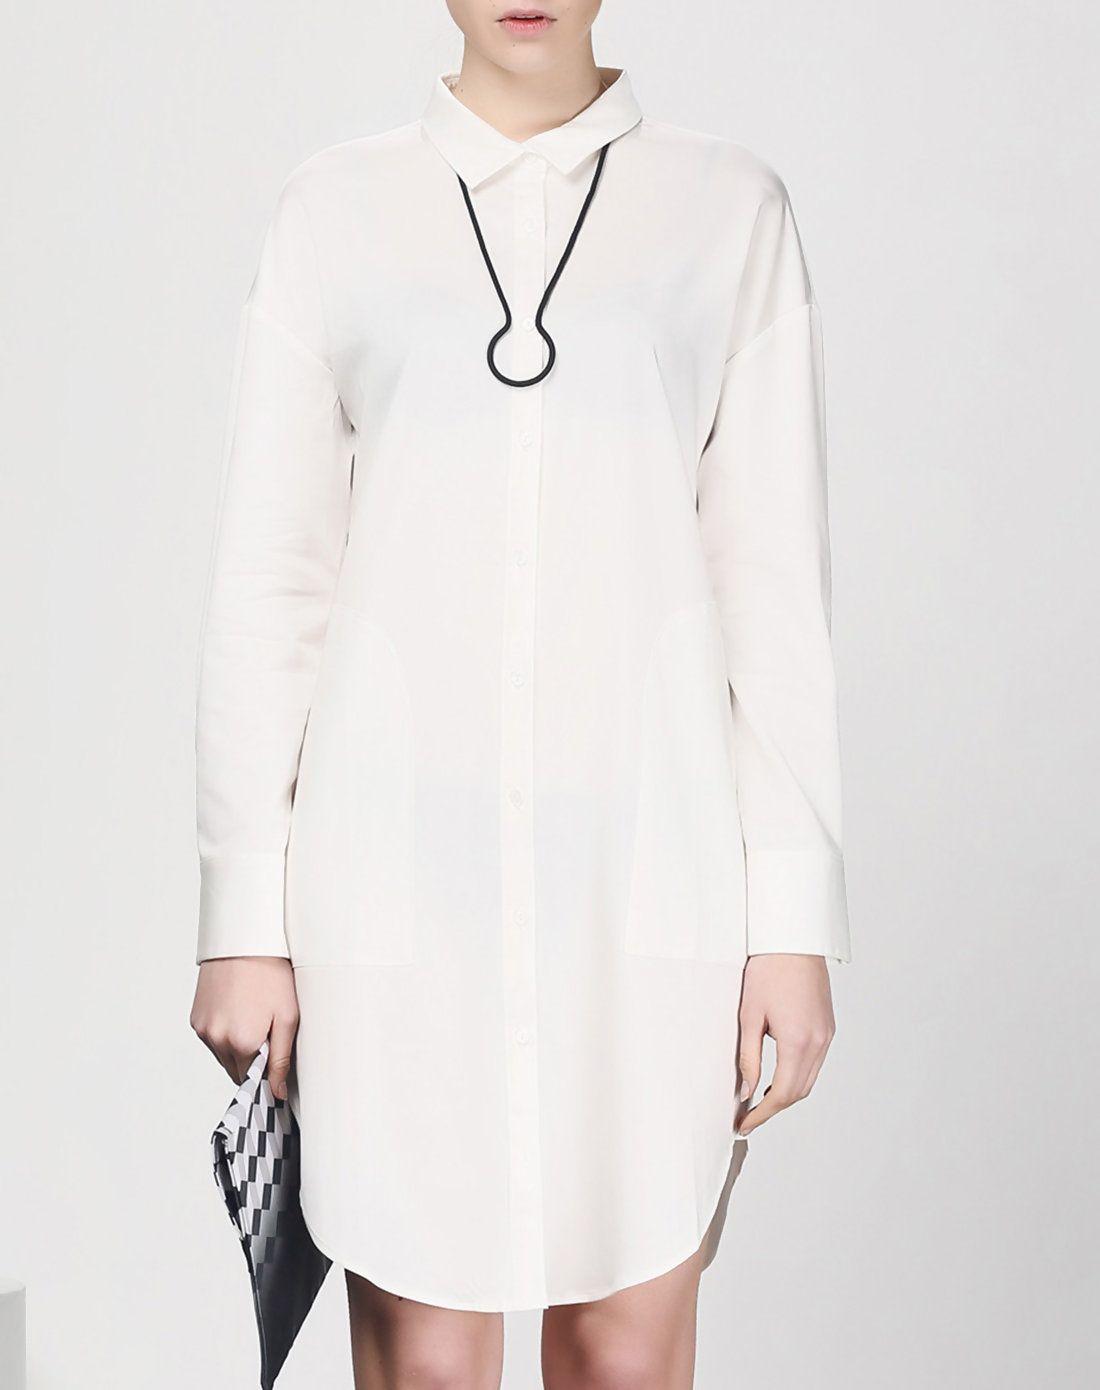 White Plain Shirt Dress With Pockets - AdoreWe.com